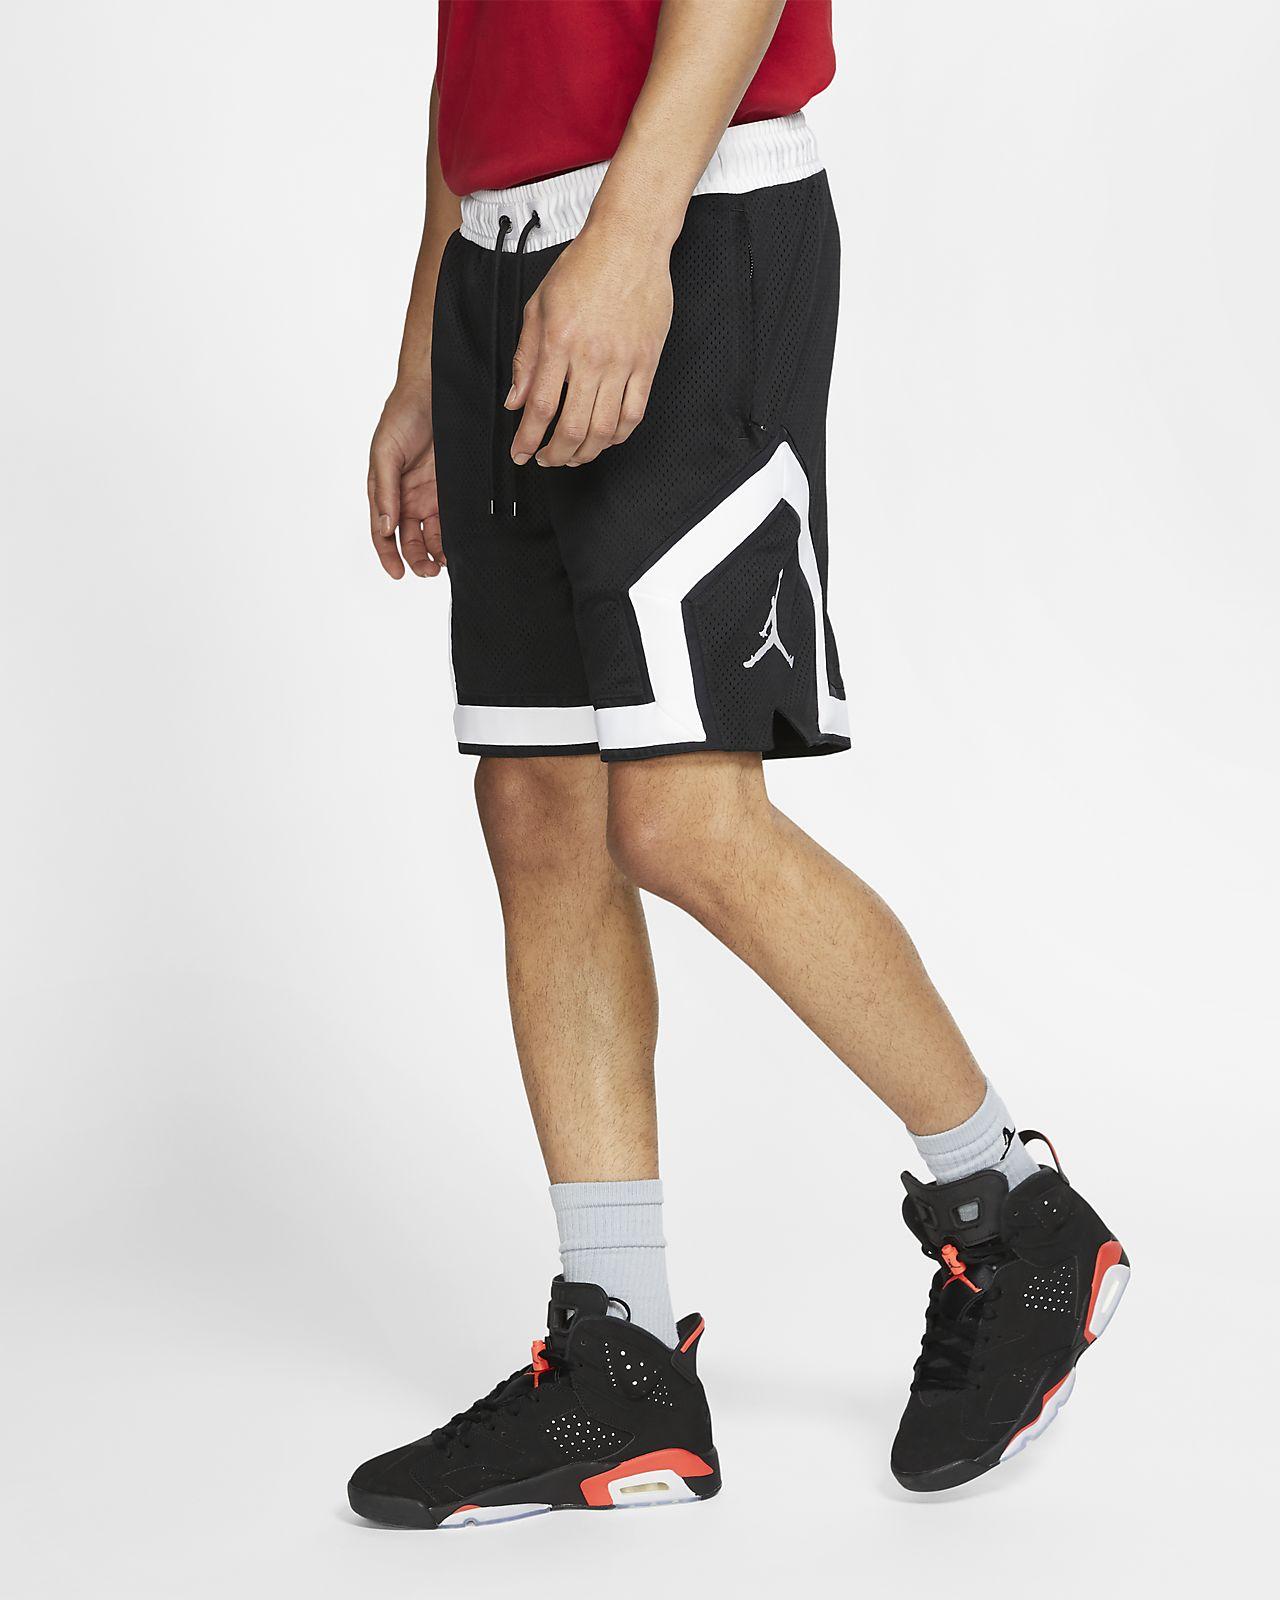 Shorts con forma de diamante para hombre Paris Saint-Germain